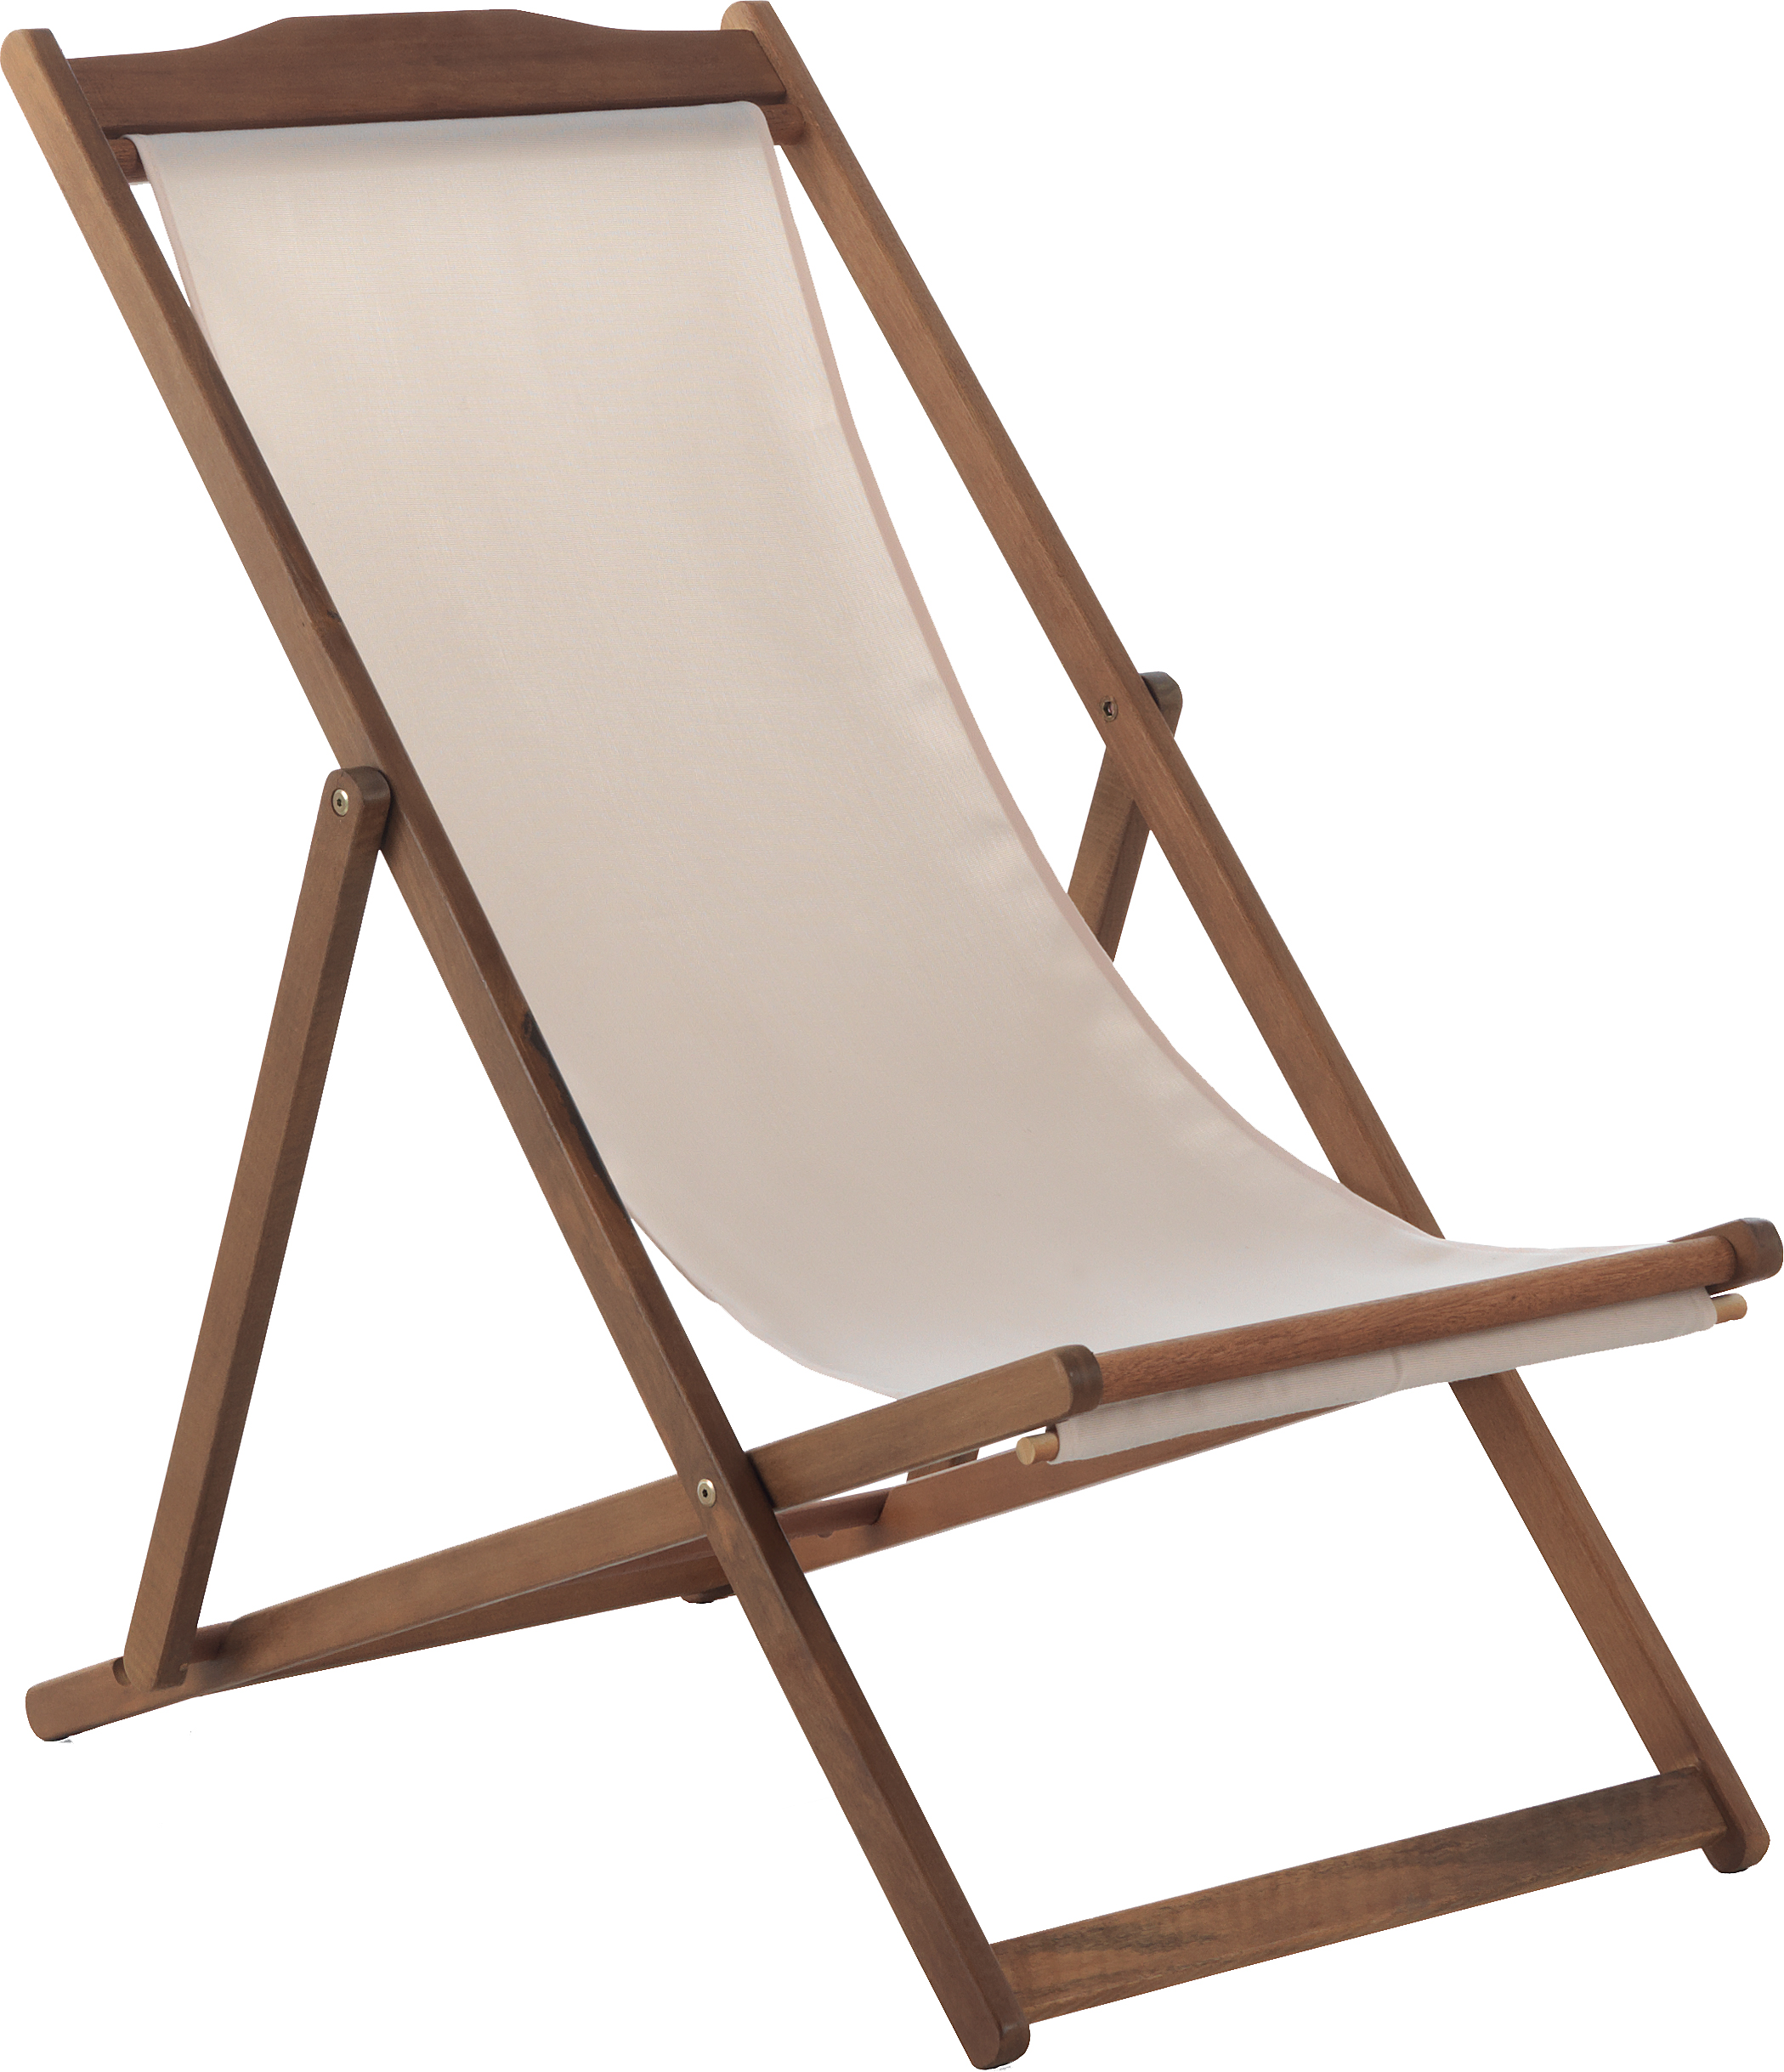 Bien choisir un transat en bois pas cher conseils et prix for Transat en bois pliable